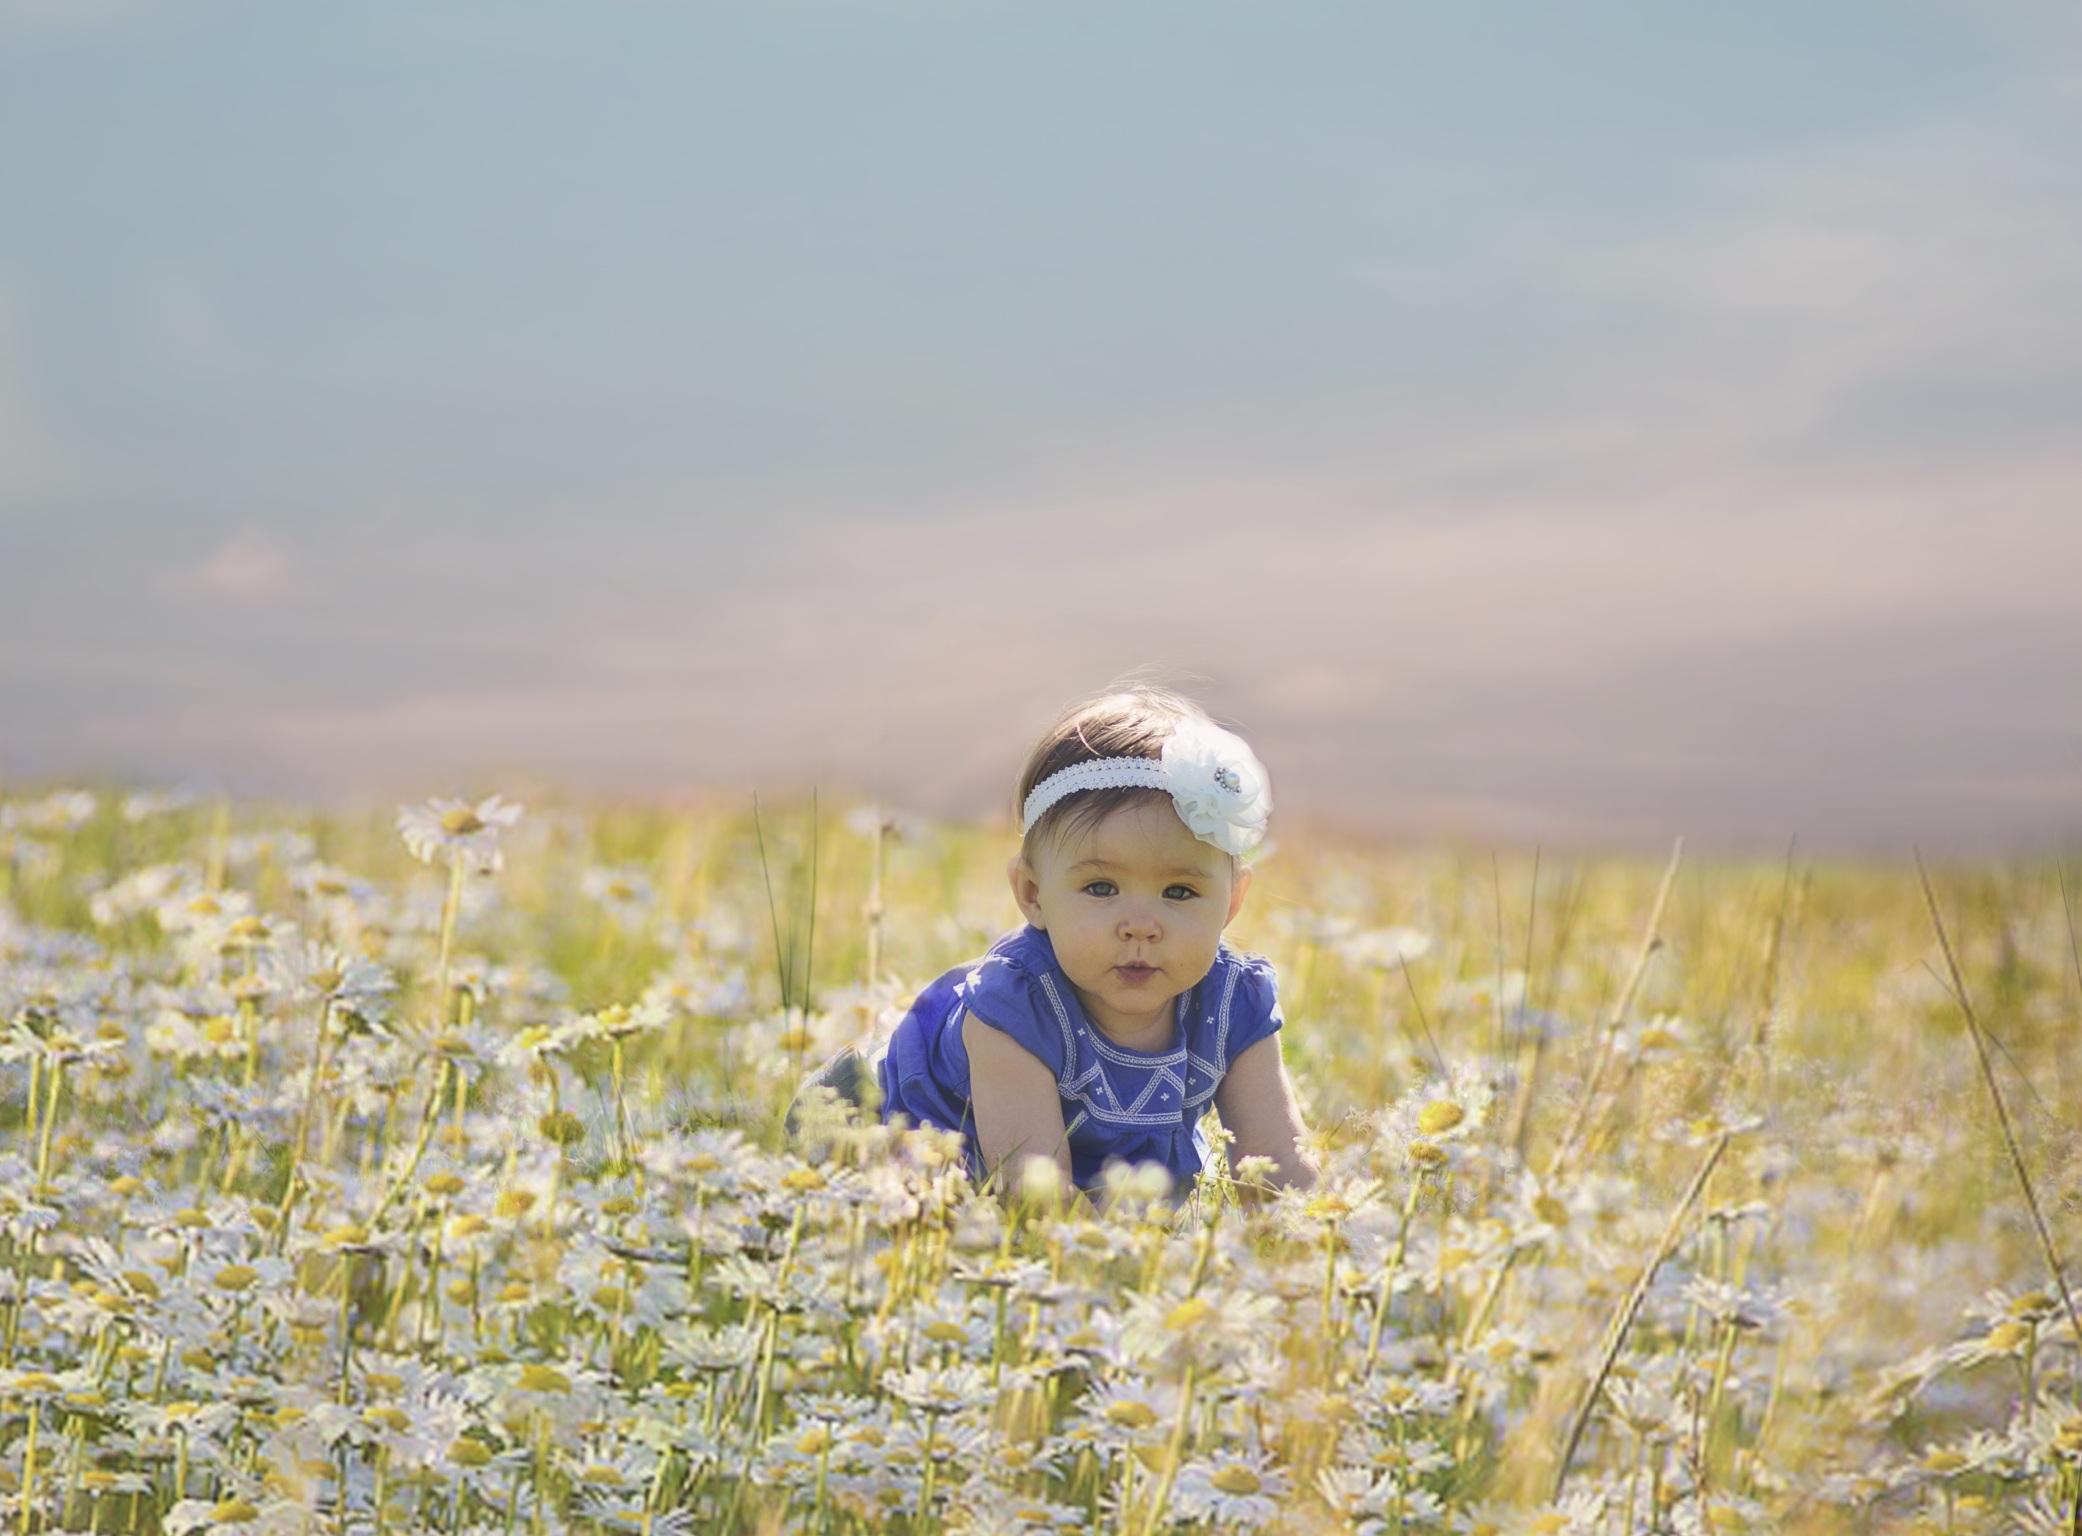 Free Images   Sky  Field  Vintage  Meadow  Prairie  Morning  Flower  Kid  Cute  Food  Produce